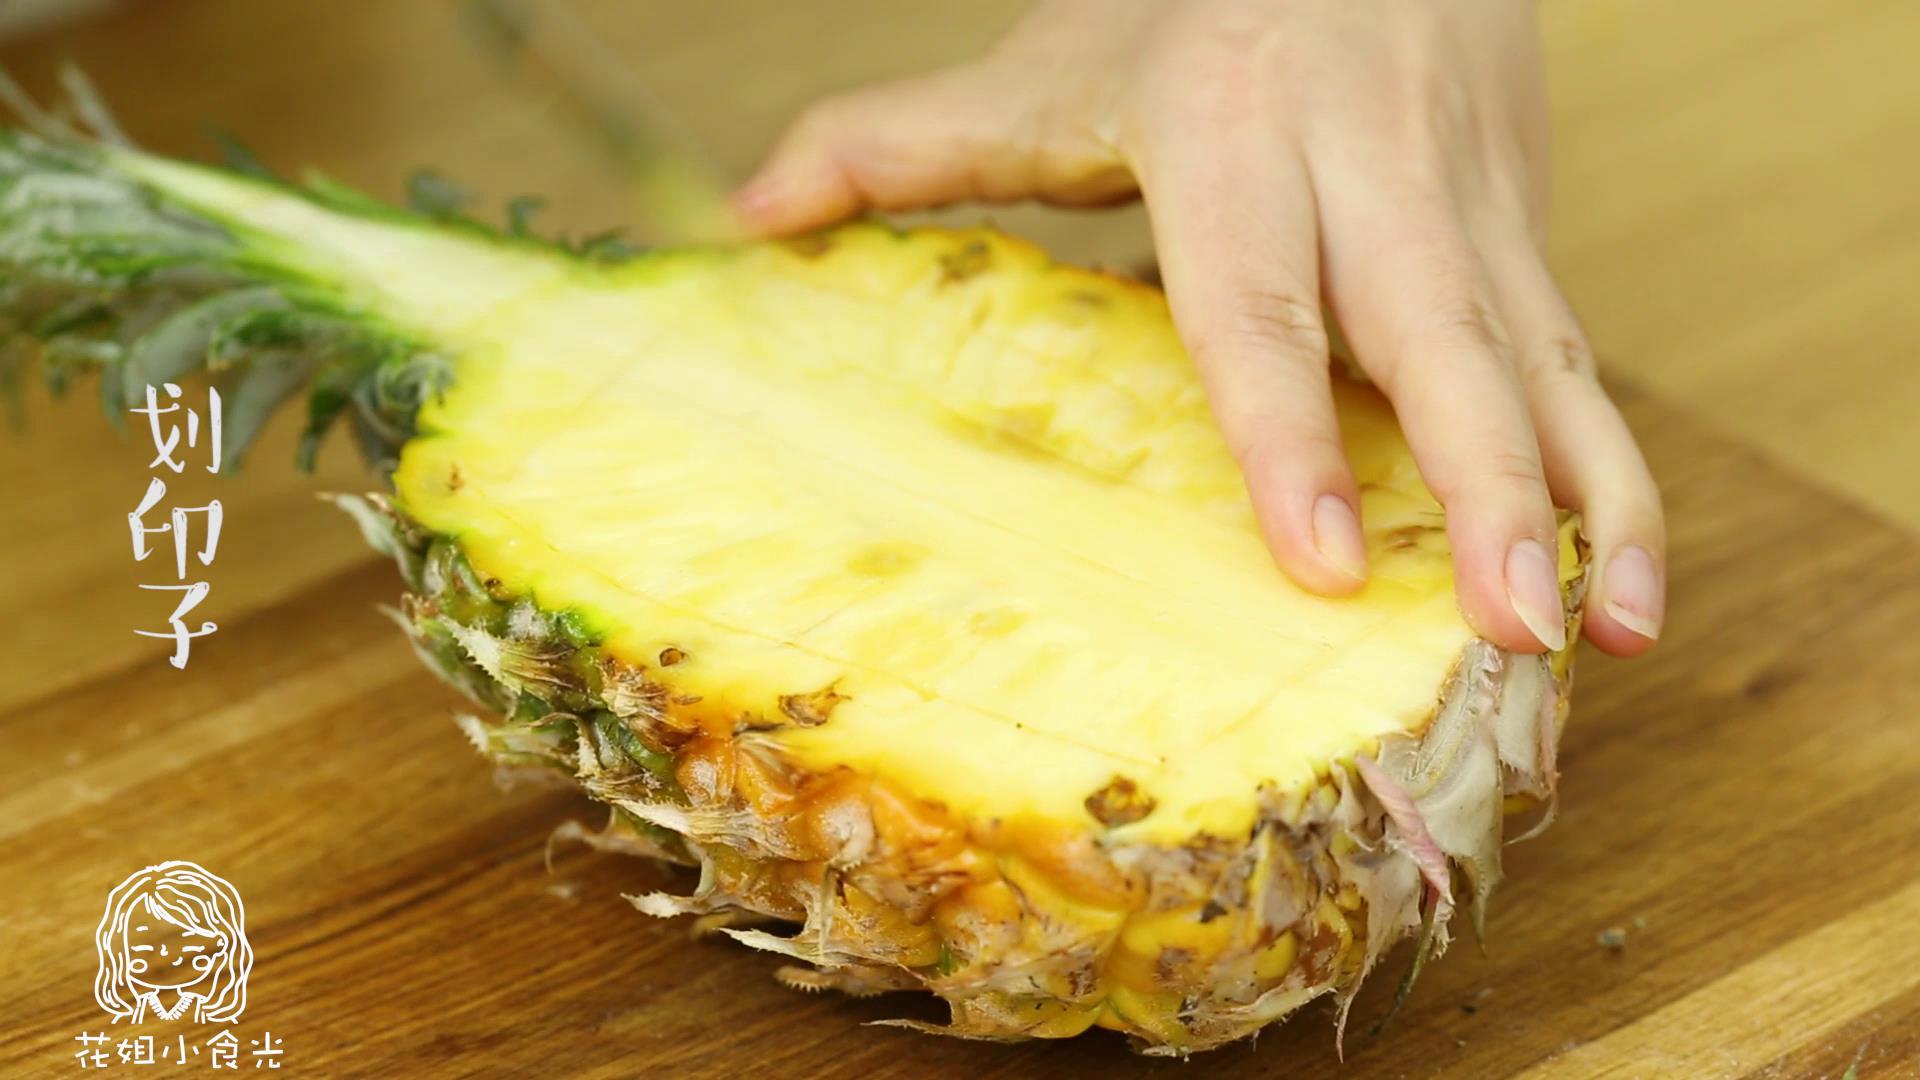 18m+菠萝炒饭,首先,将菠萝对半切开,在菠萝上划印子,将菠萝肉挖出备用~</p> <p>Tips:注意不要划通哈~